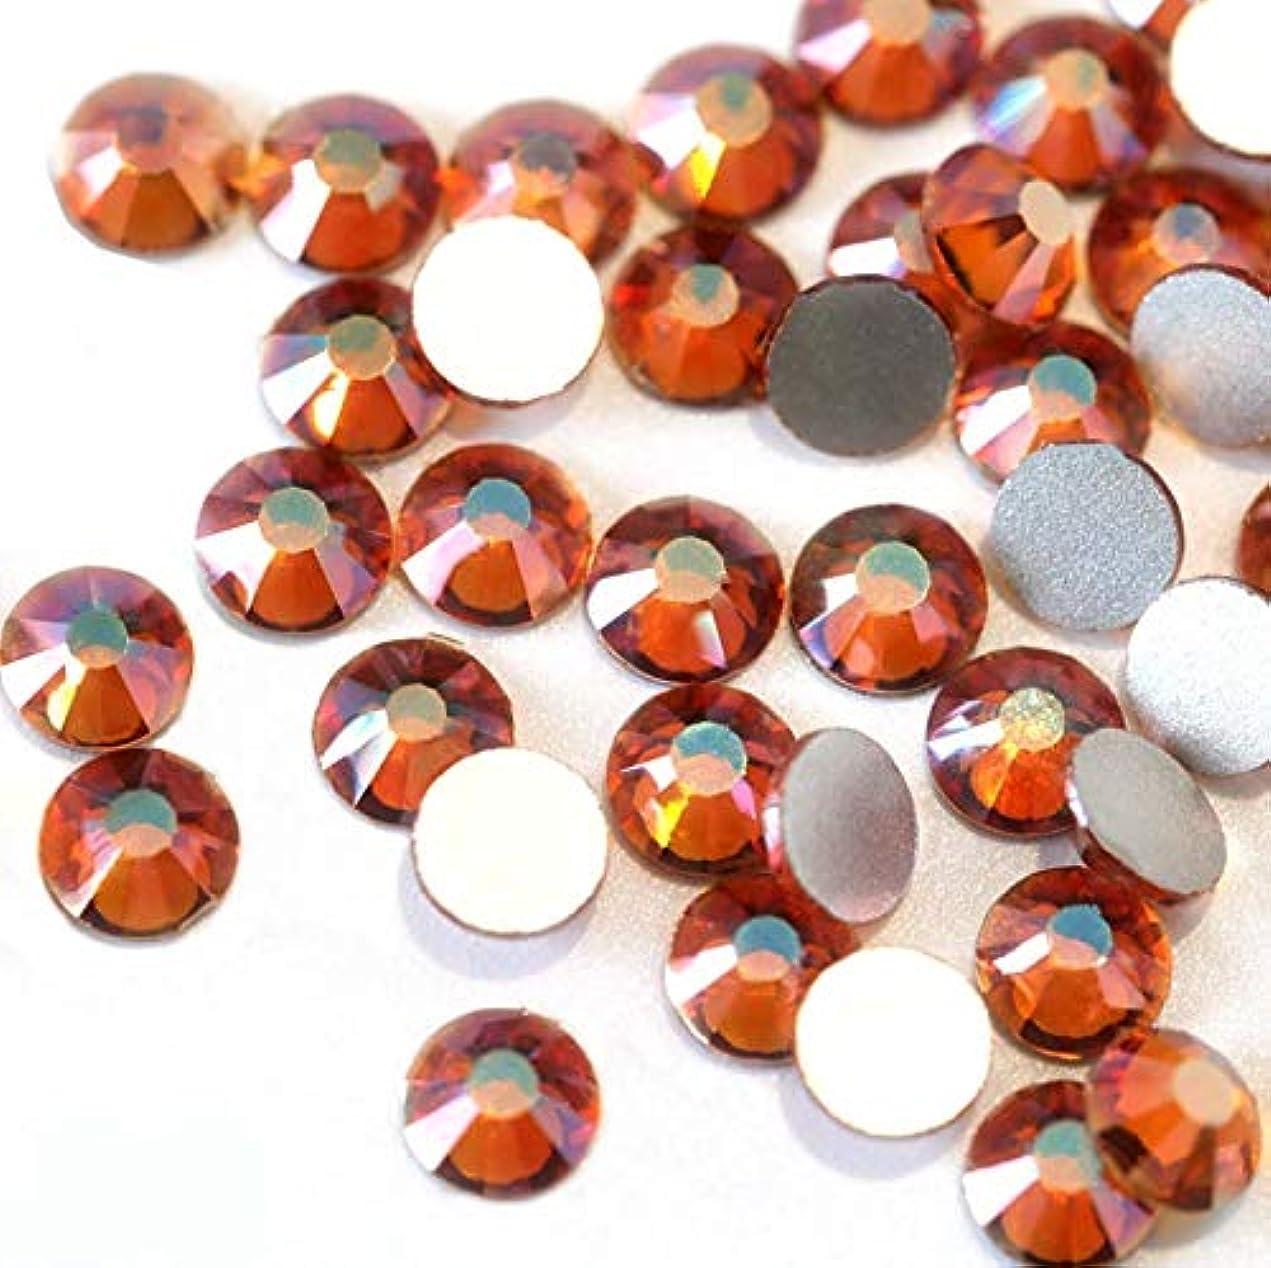 【ラインストーン77】高品質ガラス製ラインストーン 色/サイズ選択可 SS3~SS50 スワロフスキー同等 (サンセット, SS6:約1.9mm(約200粒))